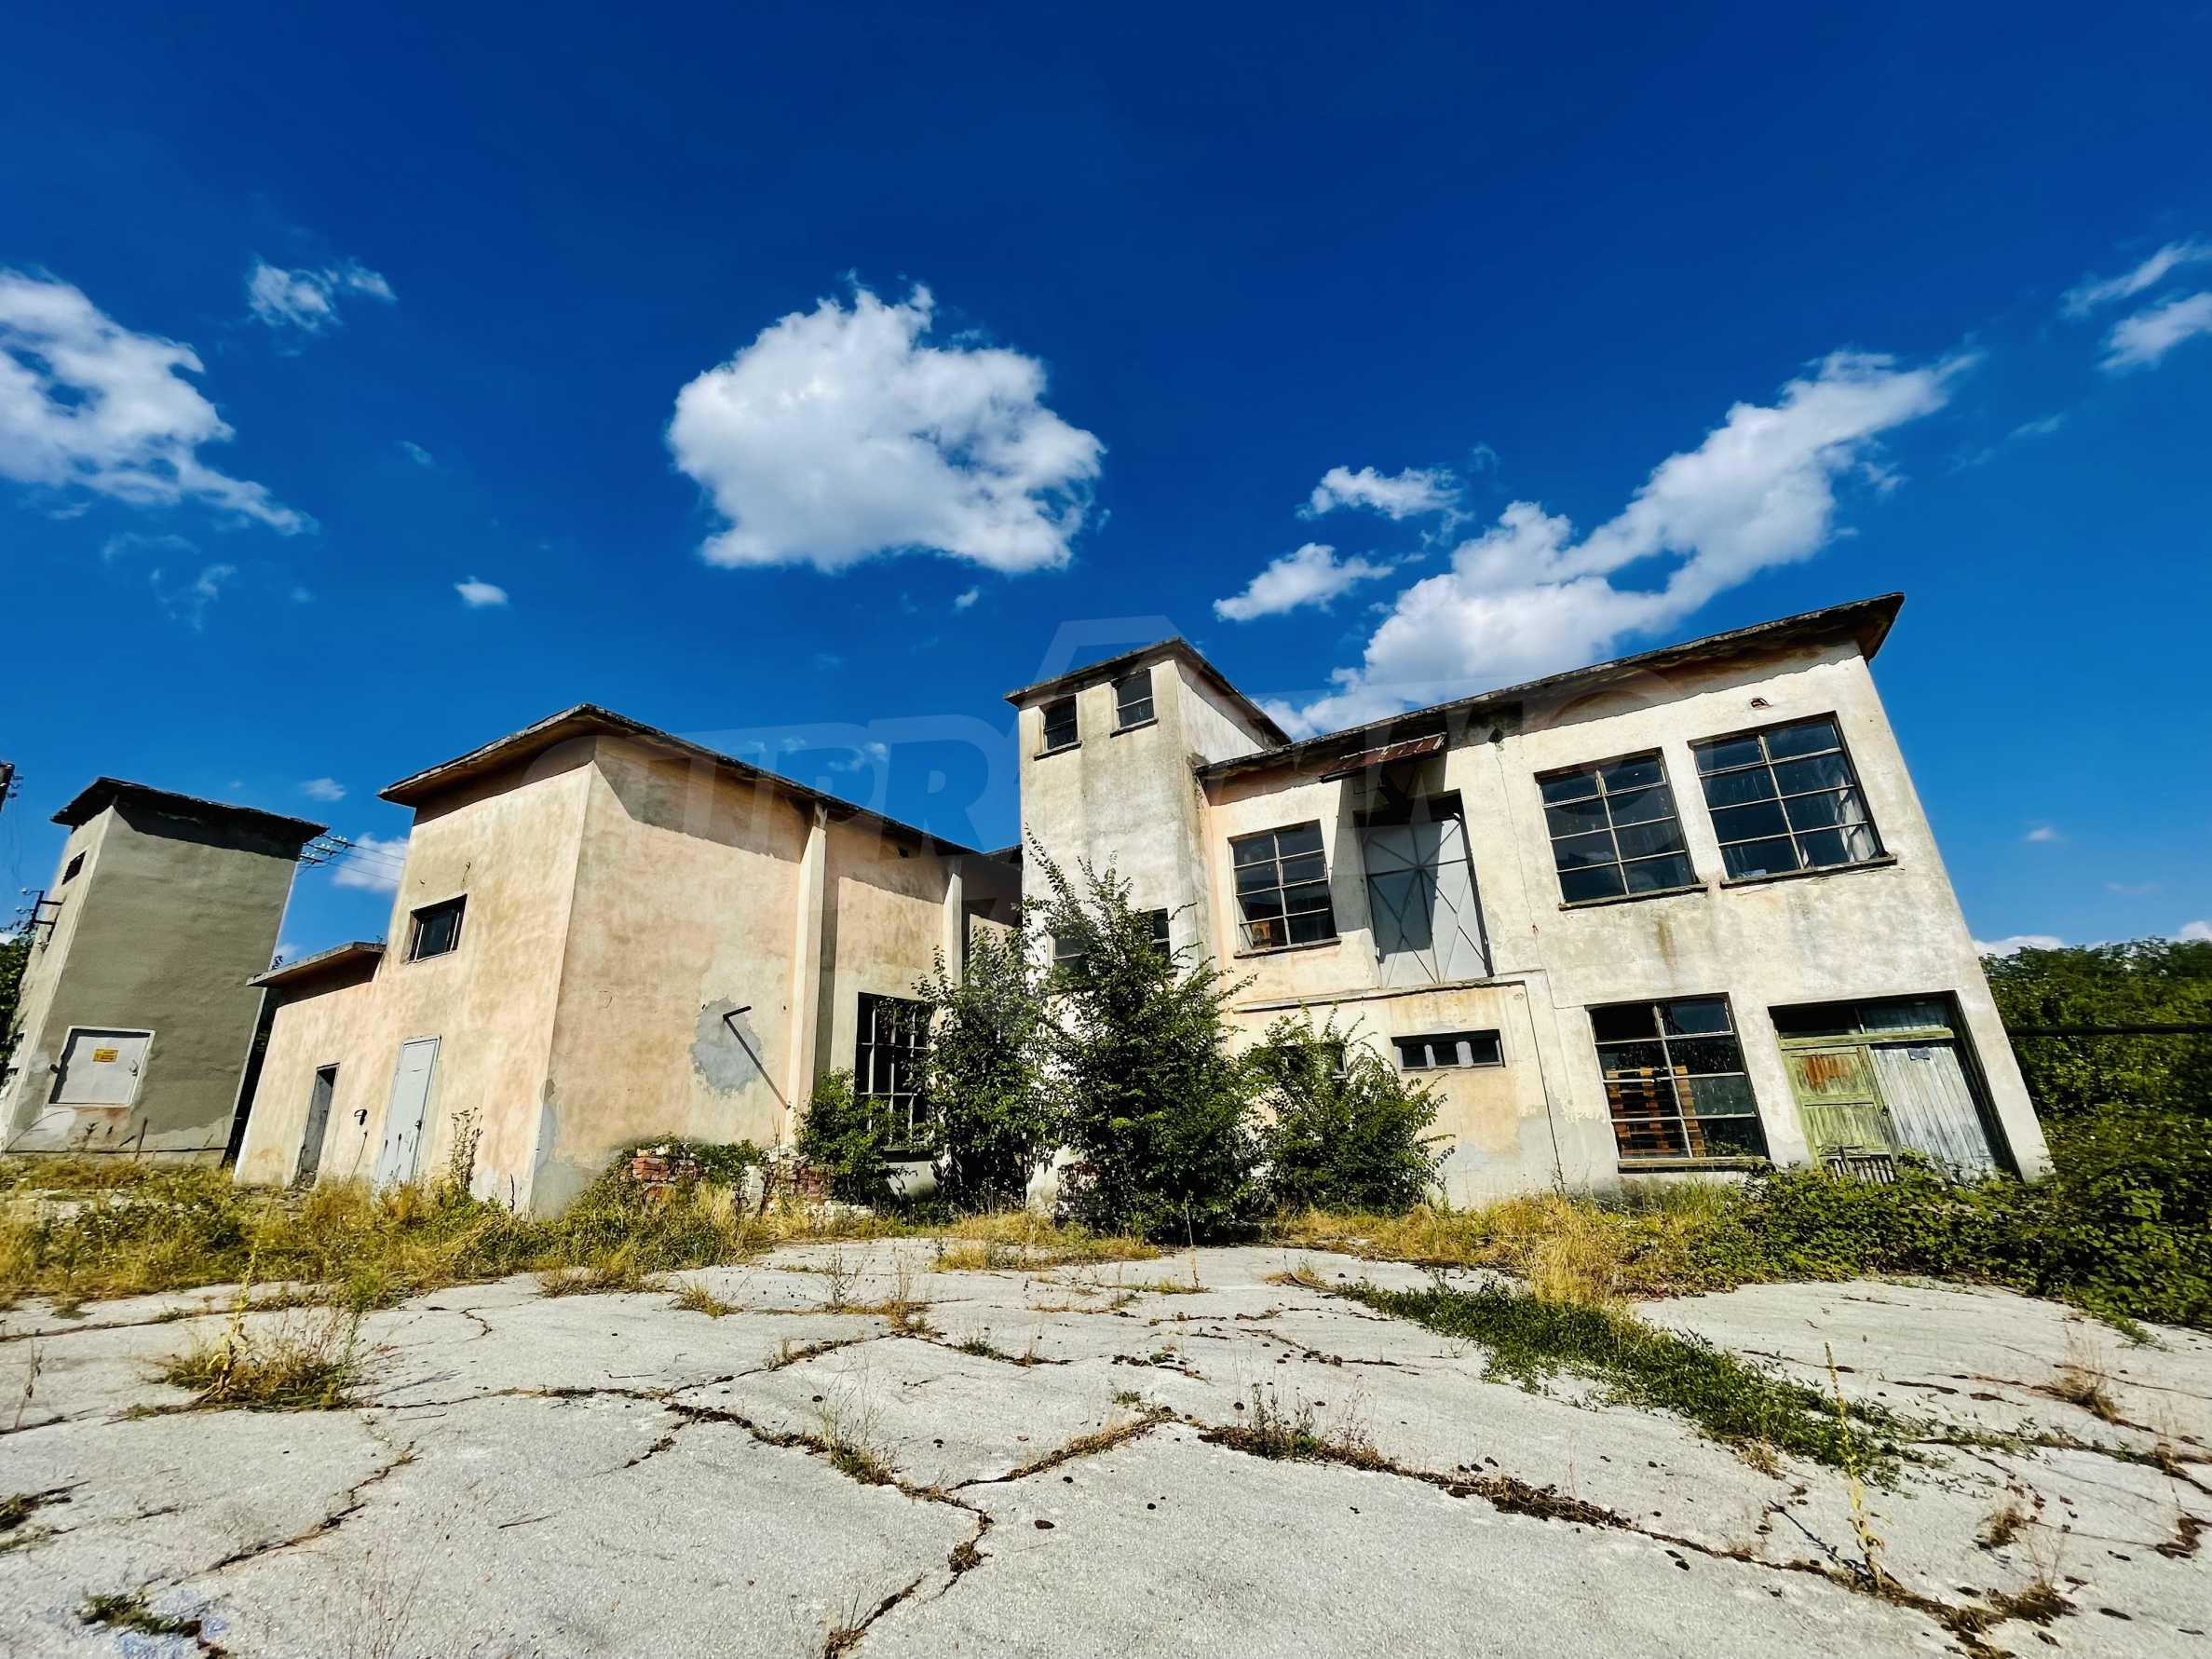 Factory for sale near Veliko Tarnovo